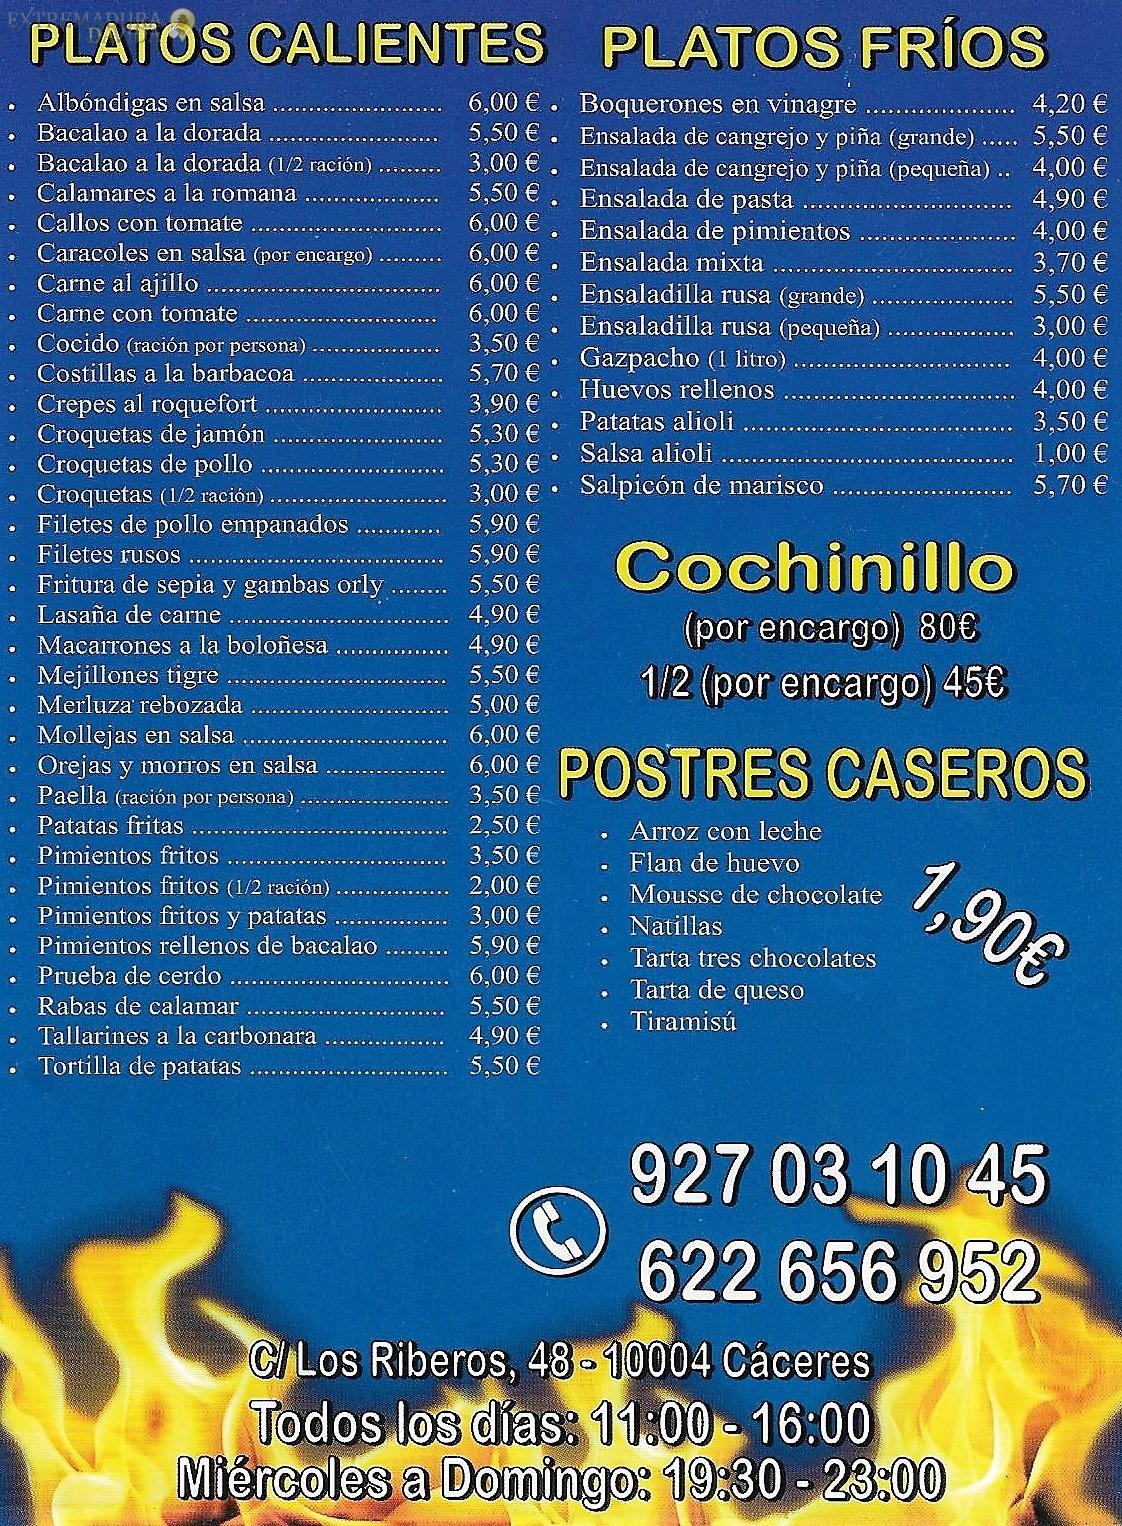 COMIDA RAPIDA Y POLLOS ASADOS EN CACERES EL PICHON